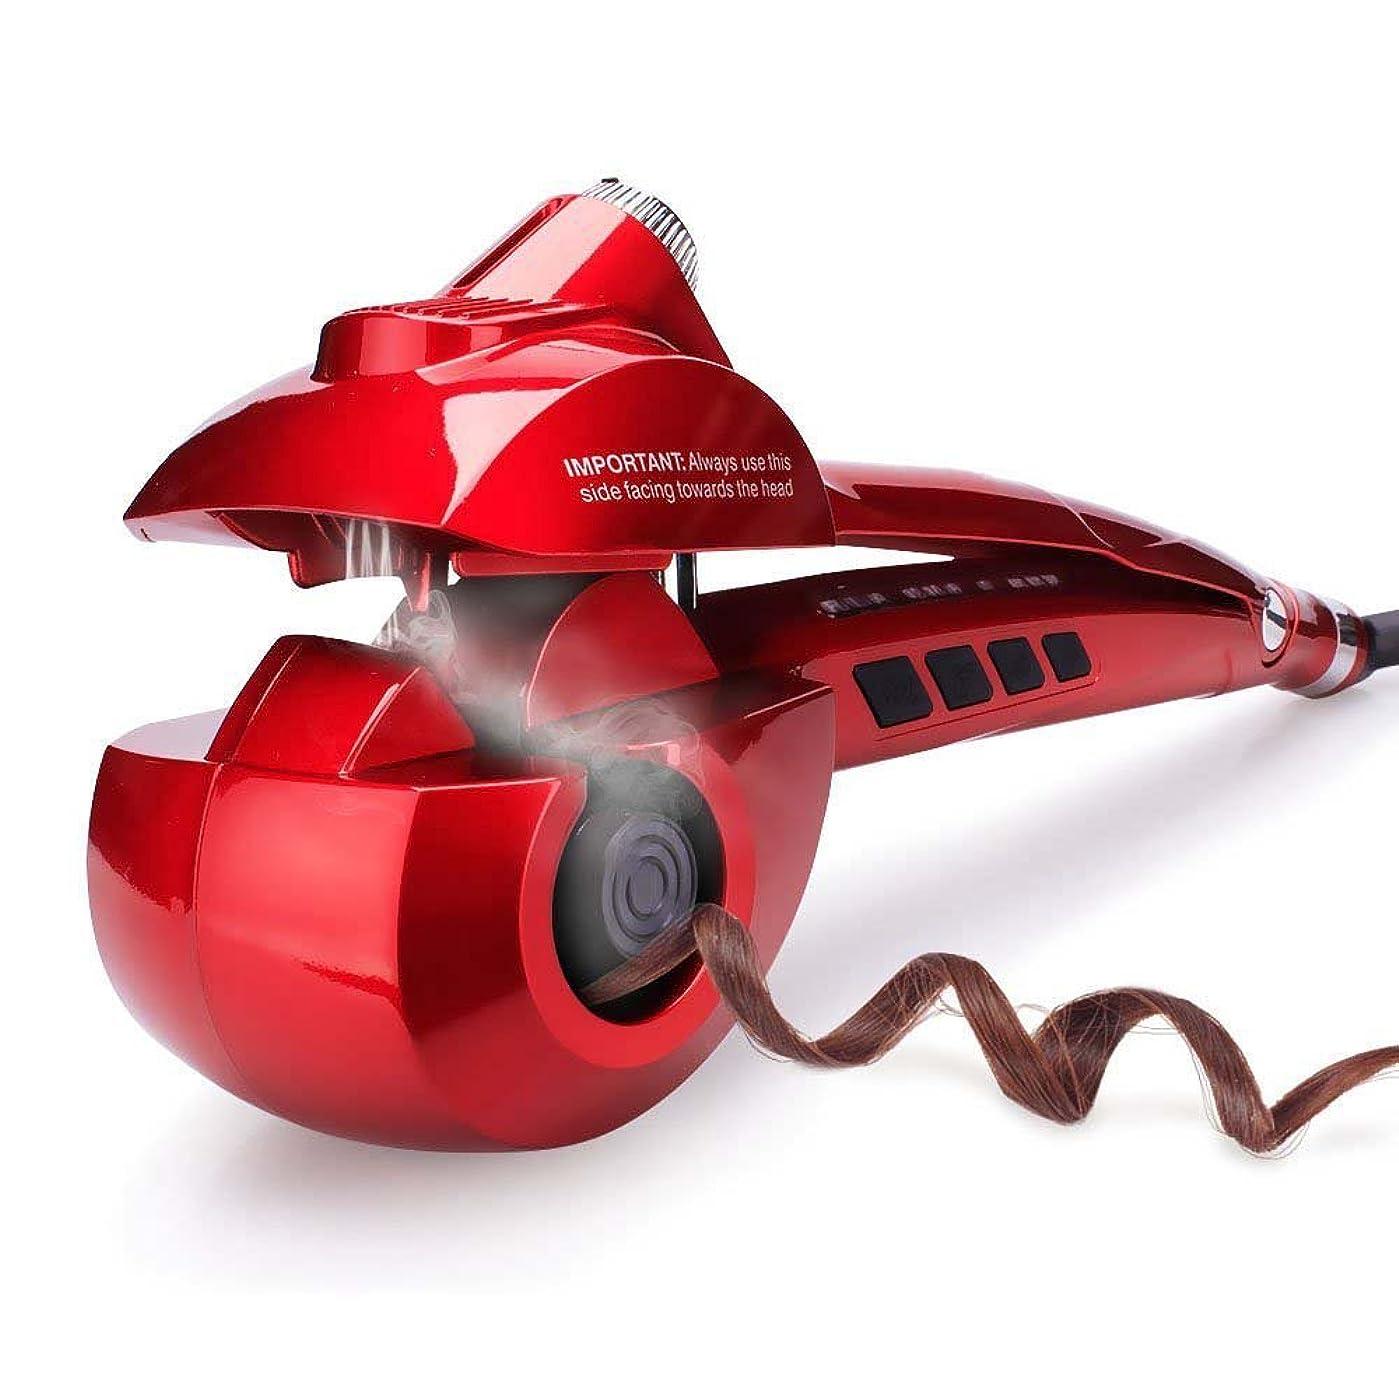 ジャムモデレータハードWinfullyオートカールアイロン ヘアアイロン カール オートカールヘアアイロン スチームヘアアイロン アイロン蒸気 8秒自動巻き 自動巻きヘアアイロン スチーム機能 プロ仕様 海外対応 (Red)